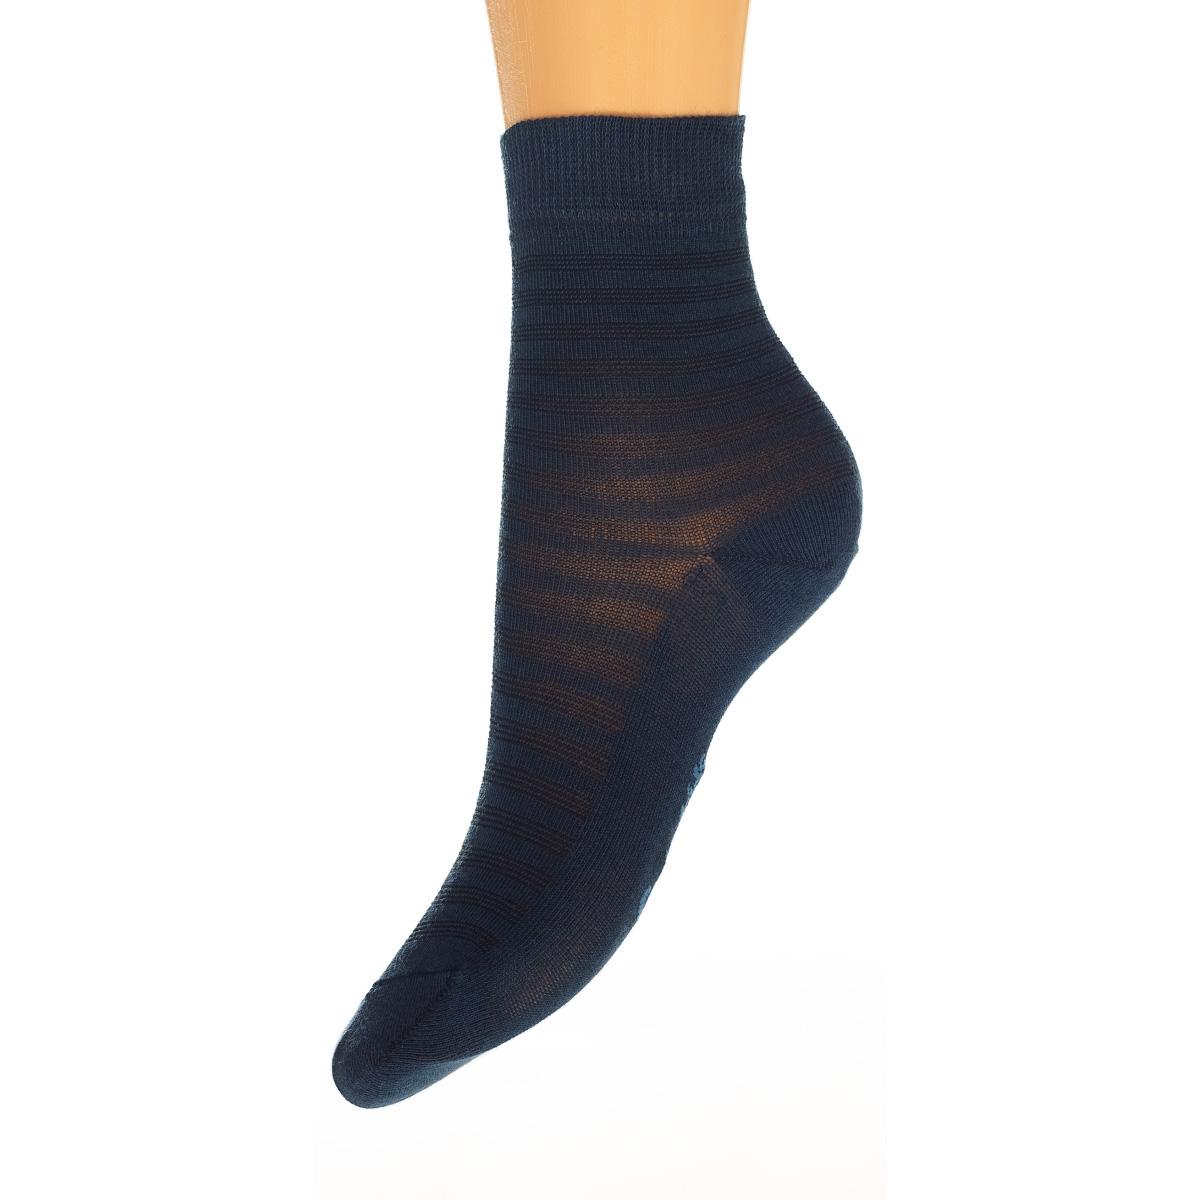 Носки15329-236Удобные носочки для мальчика Conte-Kids Class, изготовленные из высококачественного комбинированного материала, очень мягкие и приятные на ощупь, позволяют коже дышать. Модель оформлена эластичной резинкой в паголенке, которая плотно облегает ногу, обеспечивая комфорт и удобство.